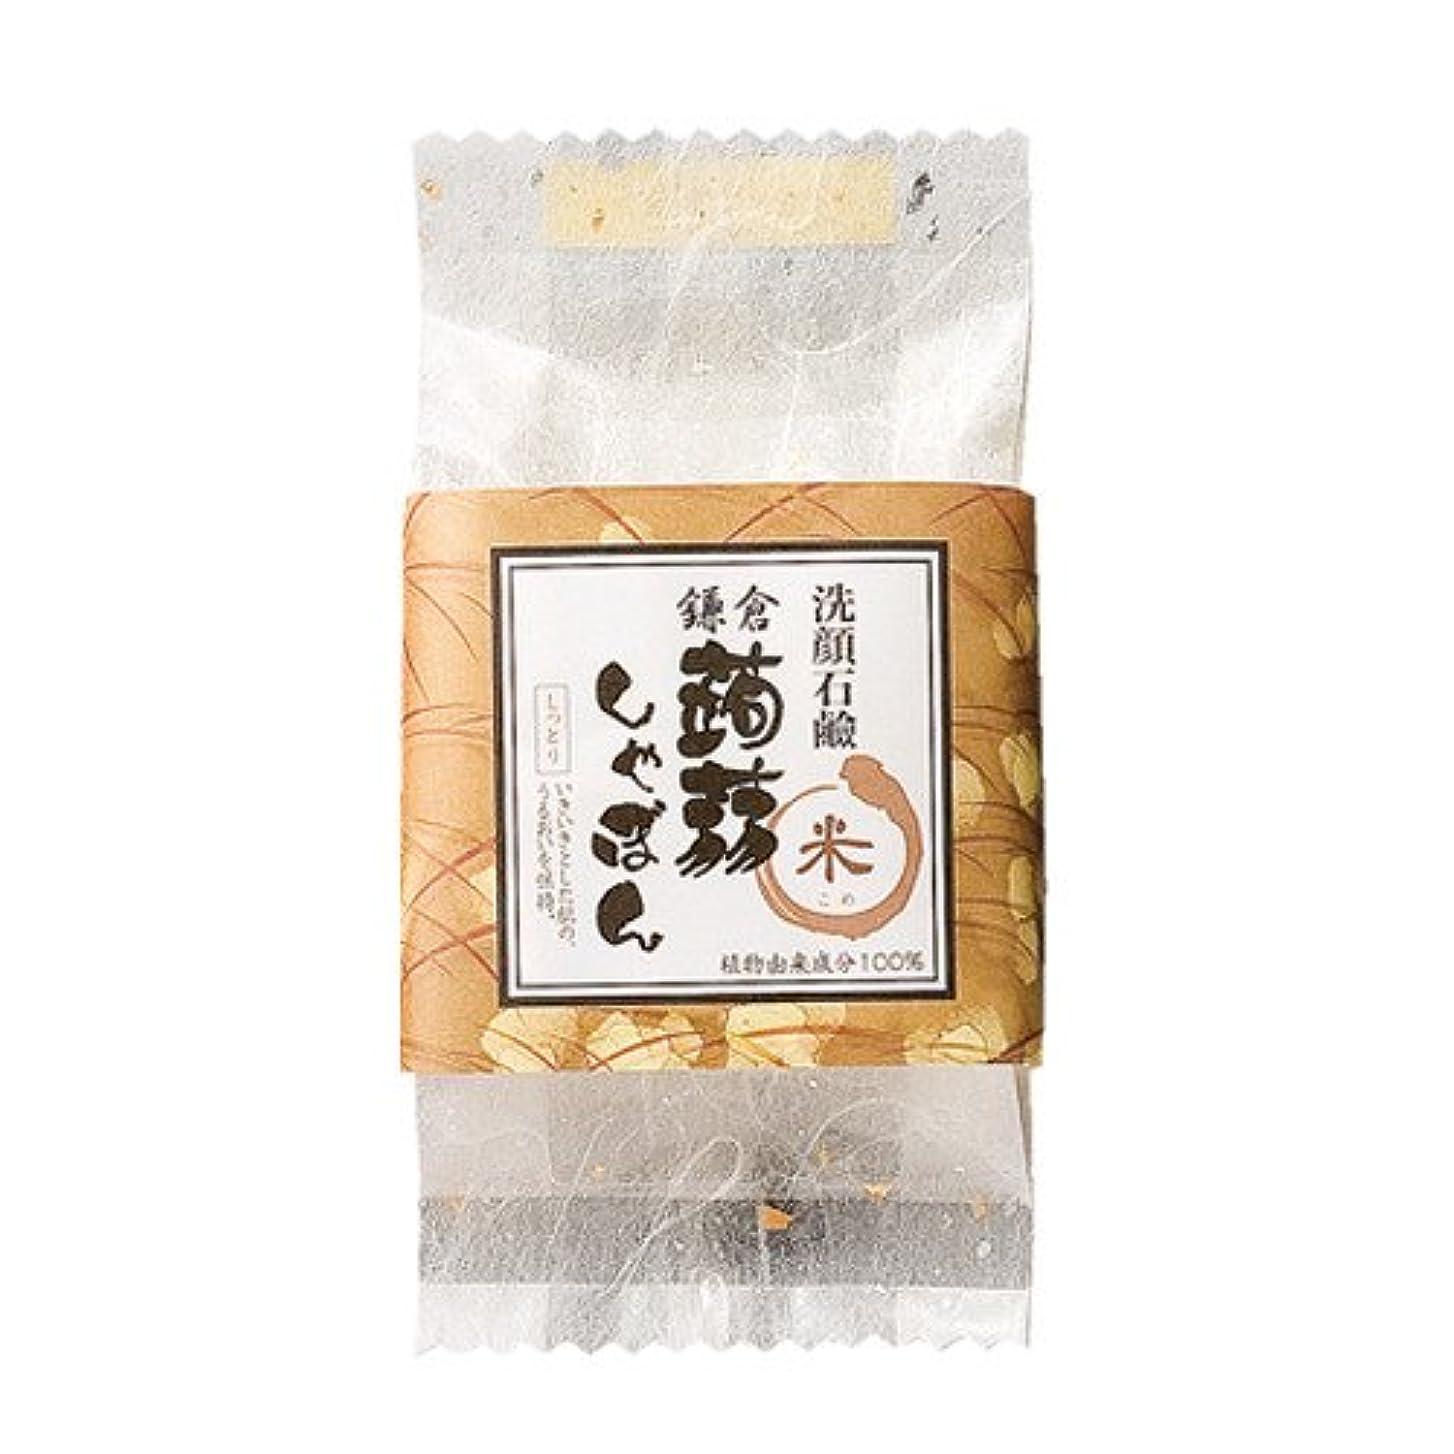 ファーザーファージュスタジオ蓮鎌倉 蒟蒻しゃぼん 米